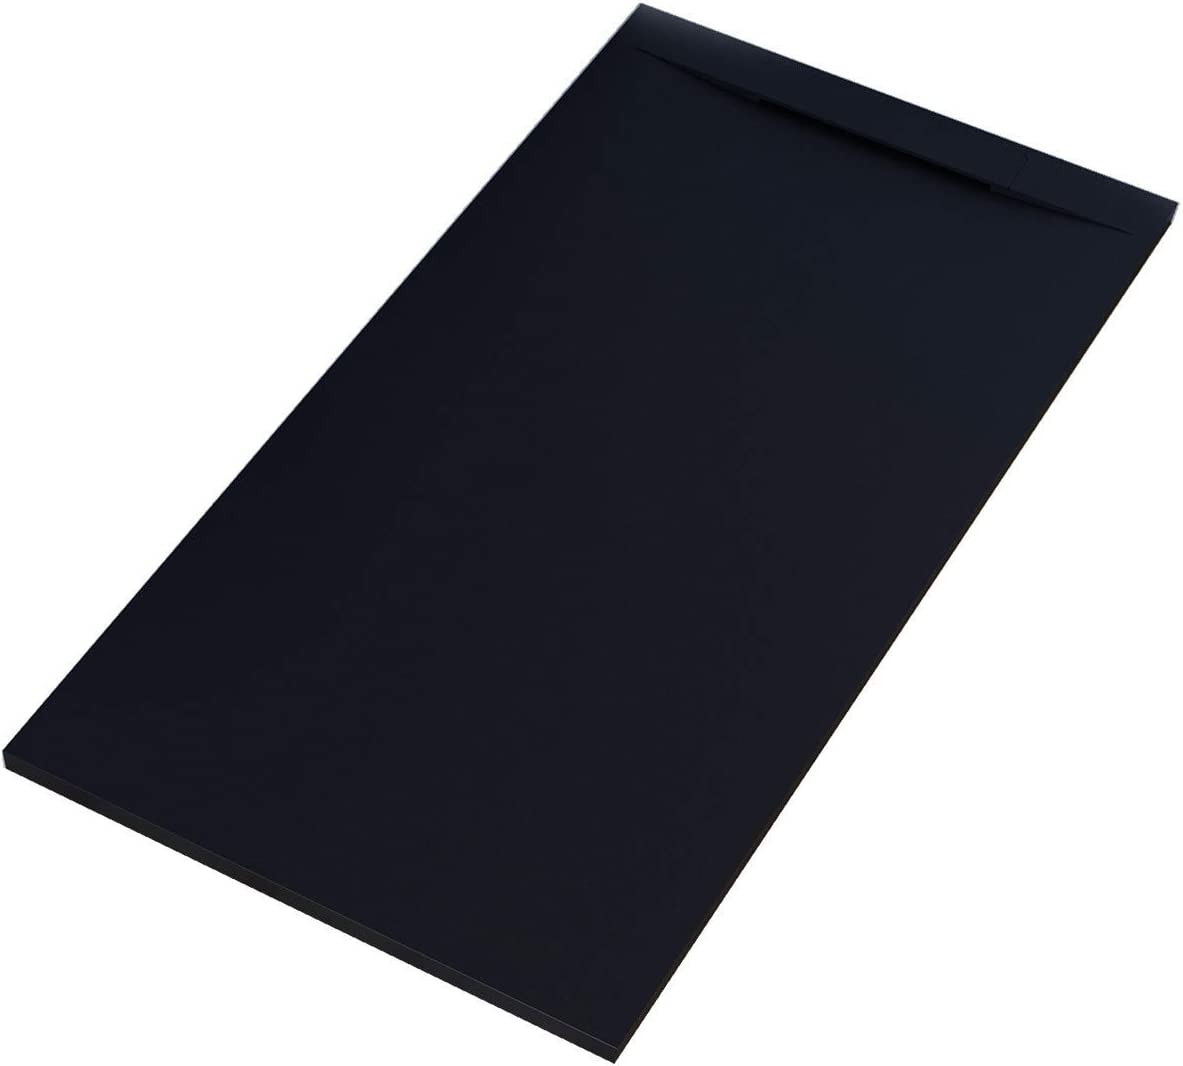 Essence - Plato de ducha de mármol de resina con efecto piedra de pizarra - Modelo Venice - Mineralmarmo con Gelcoat - Desagüe lateral de diseño en color negro